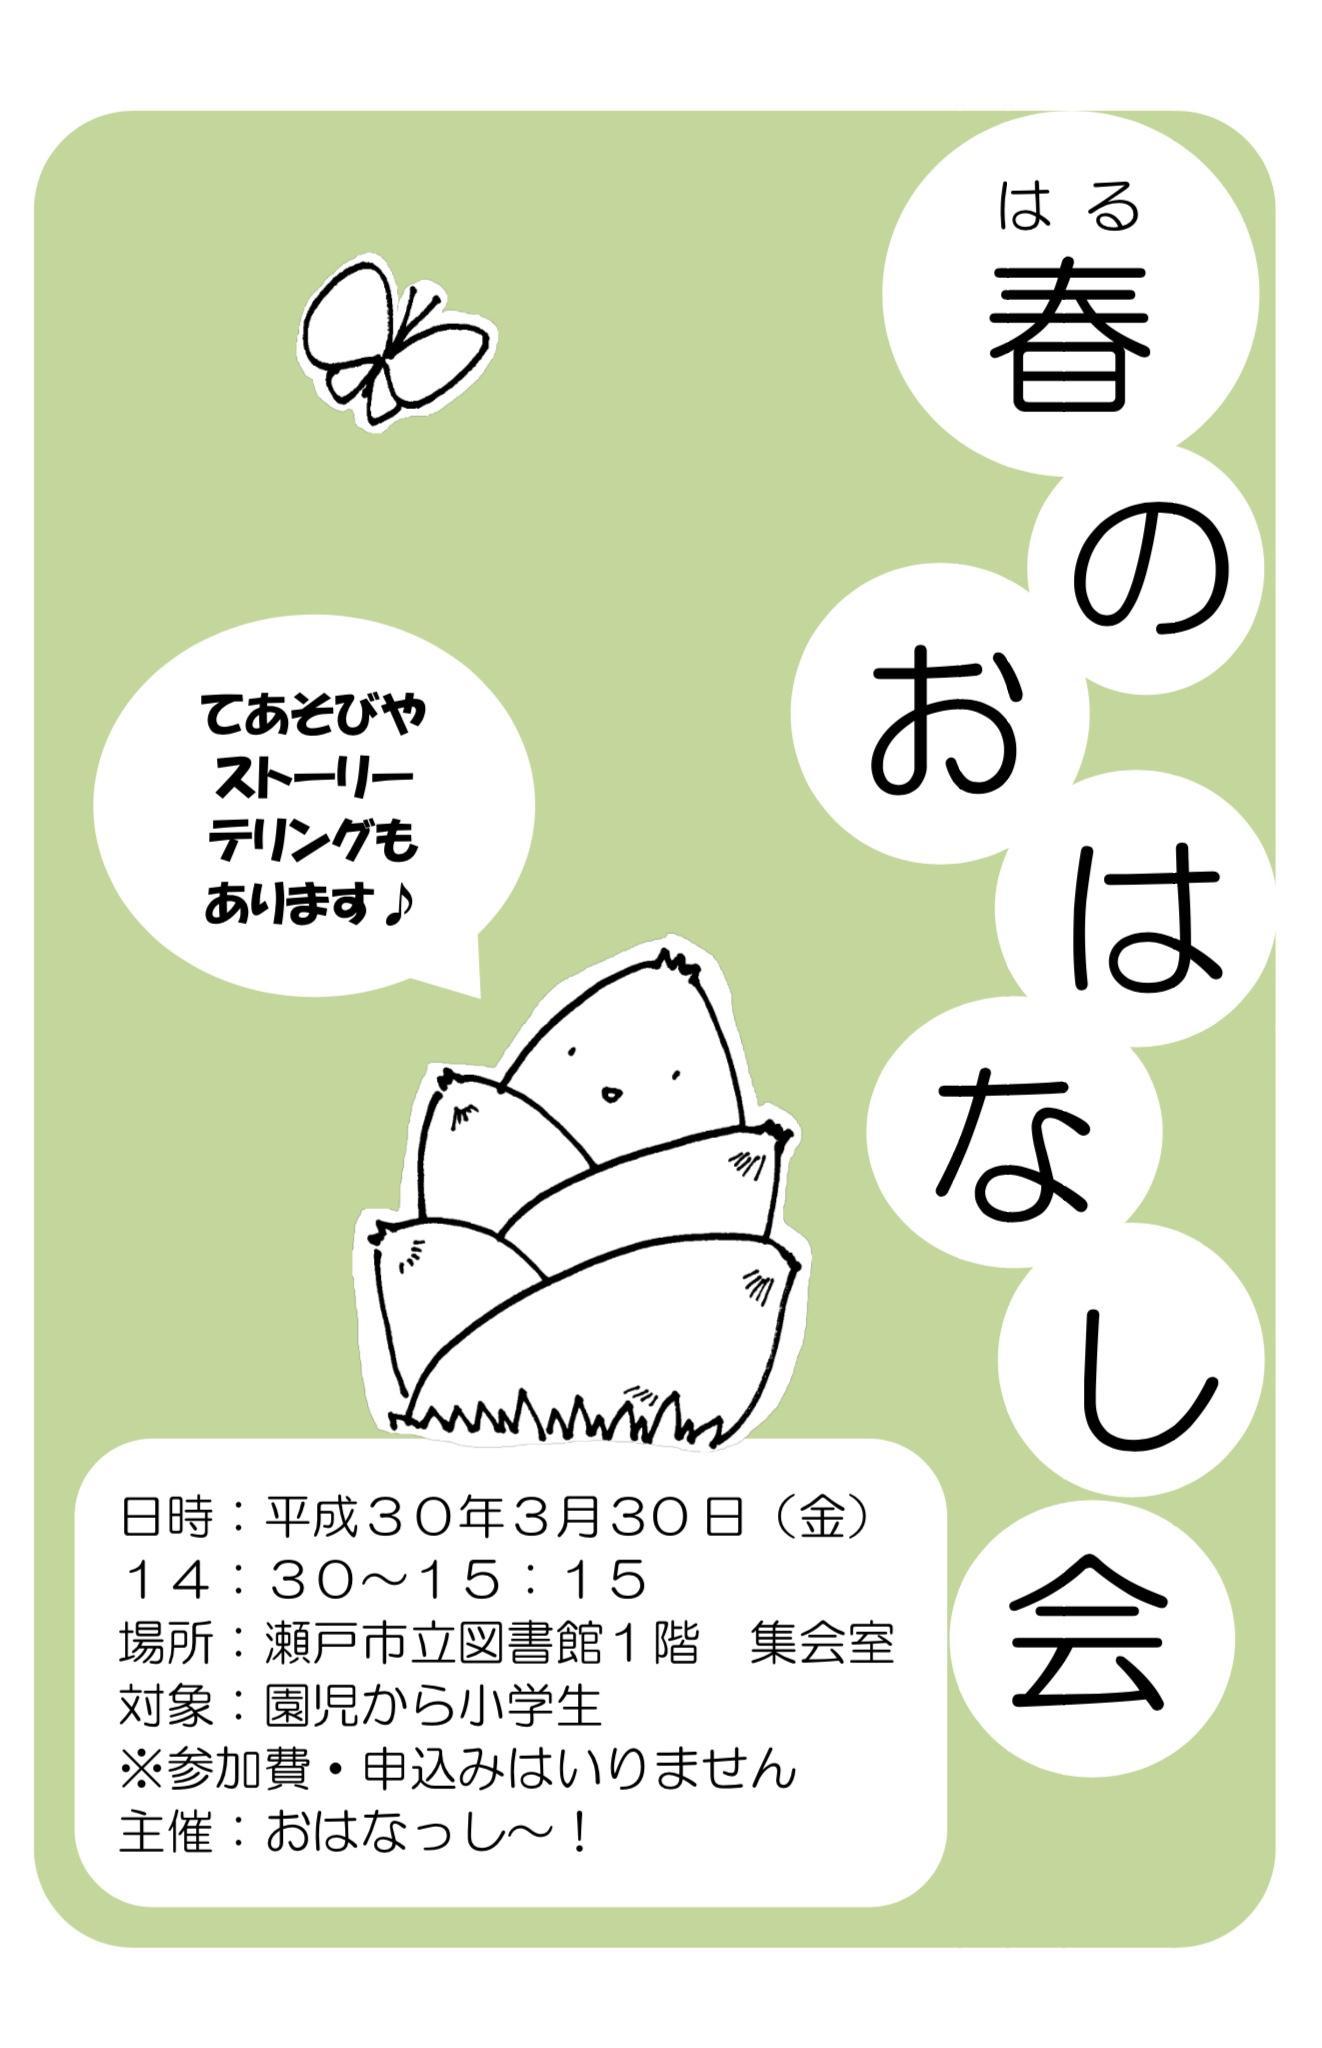 http://www.lib.seto.aichi.jp/news/images/IMG_E1281.JPG